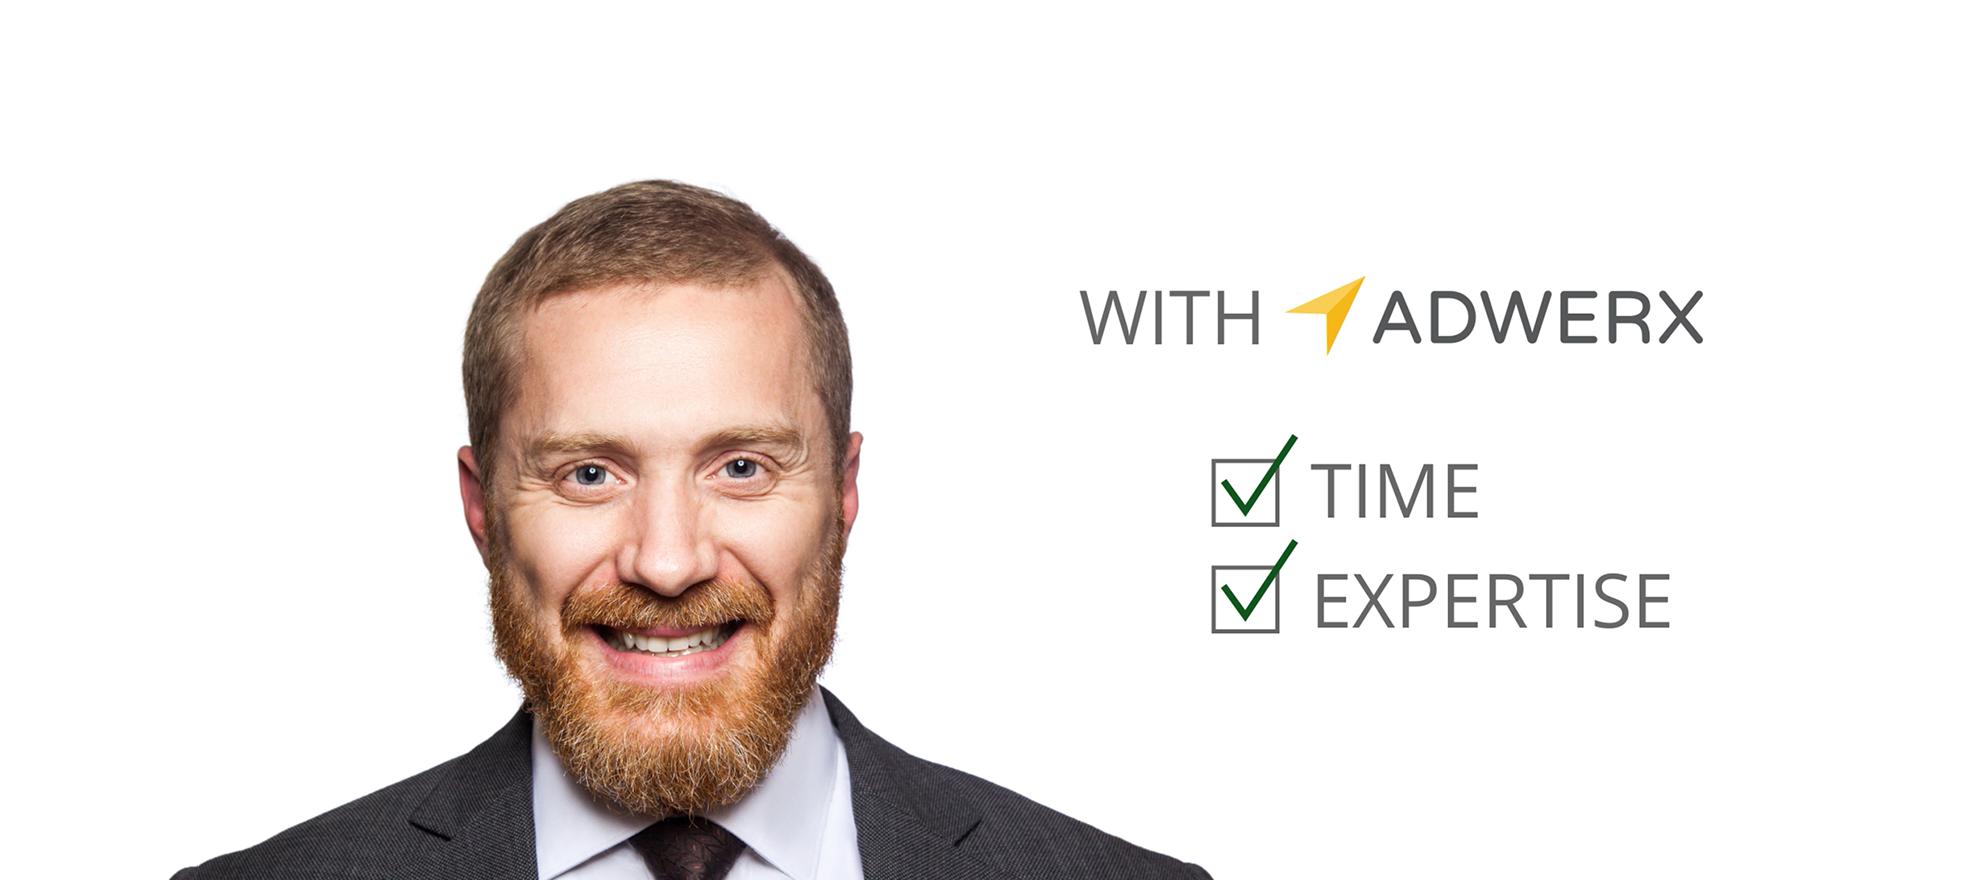 Adwerx Enterprise Brokerage Marketing